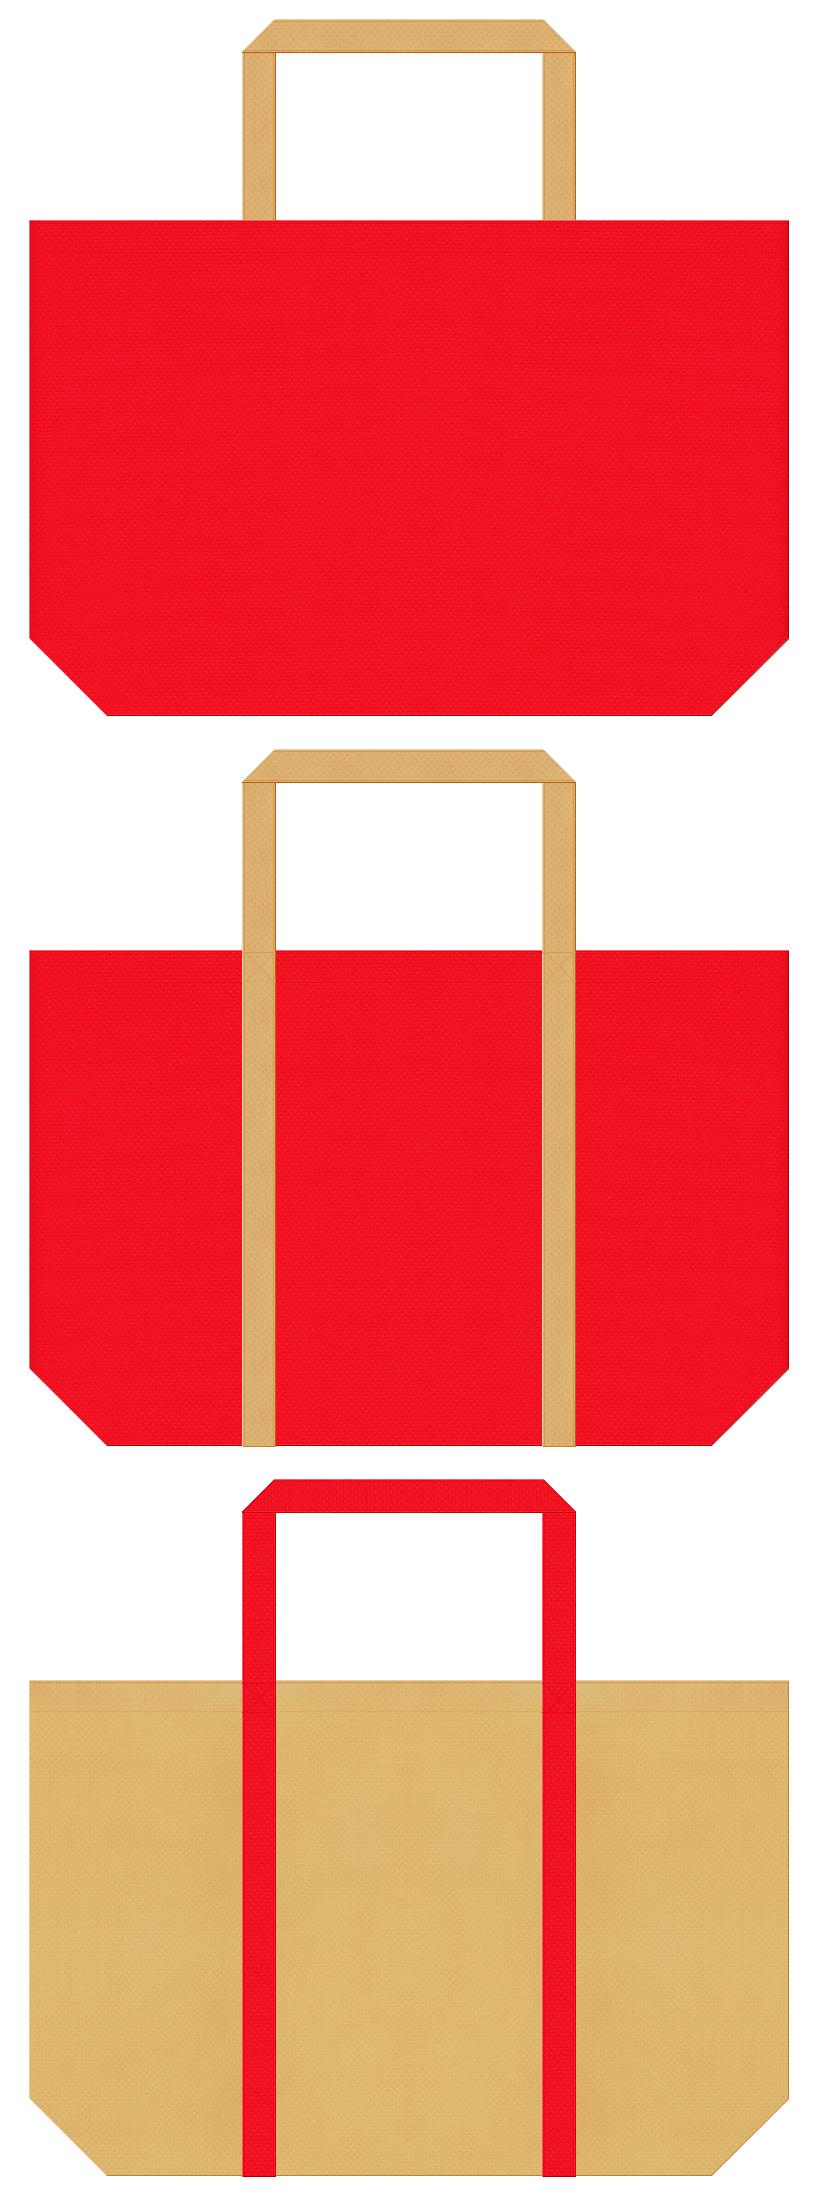 赤色と薄黄土色の不織布バッグデザイン。節分商品のショッピングバッグにお奨めです。